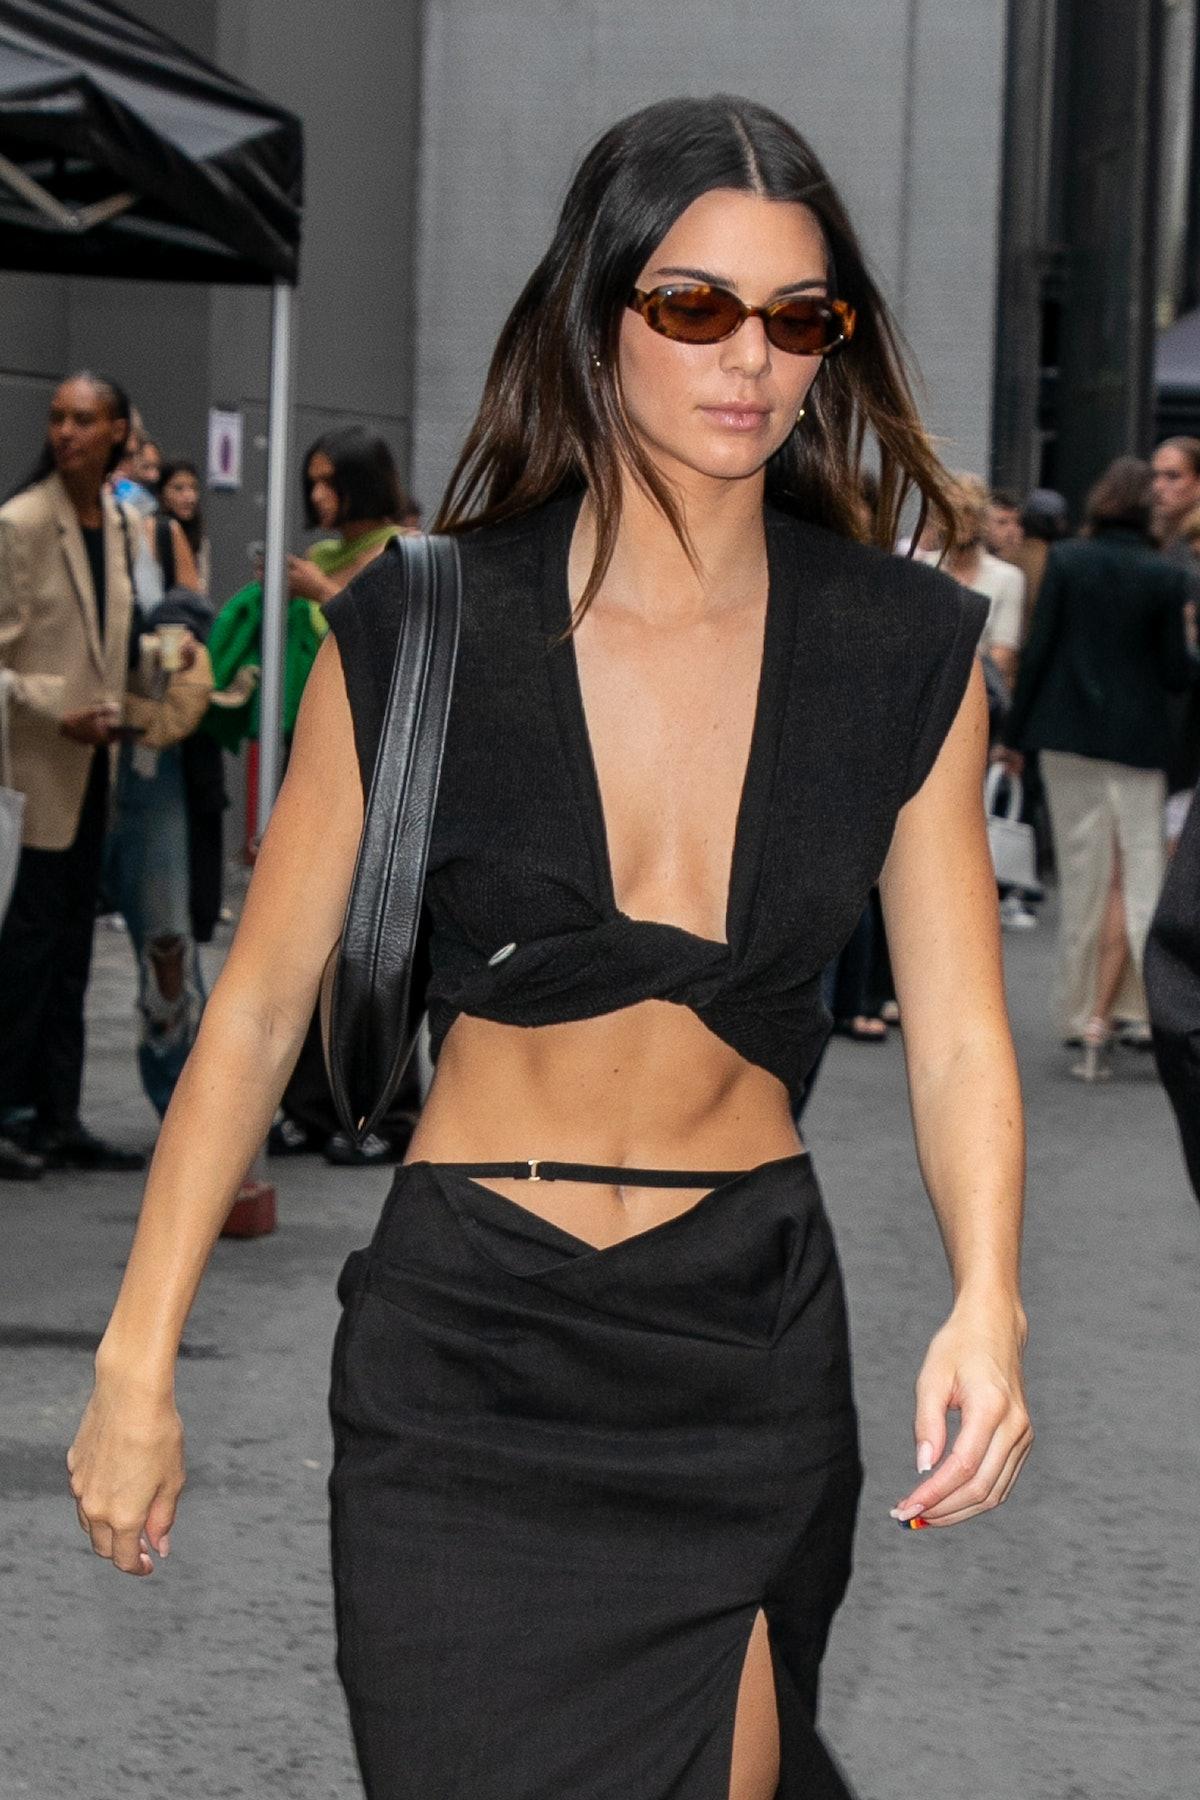 """SAINT-DENIS, FRANCE - JUNE 30: Model Kendall Jenner attends the Jacquemus """"La Montagne"""" show at La C..."""